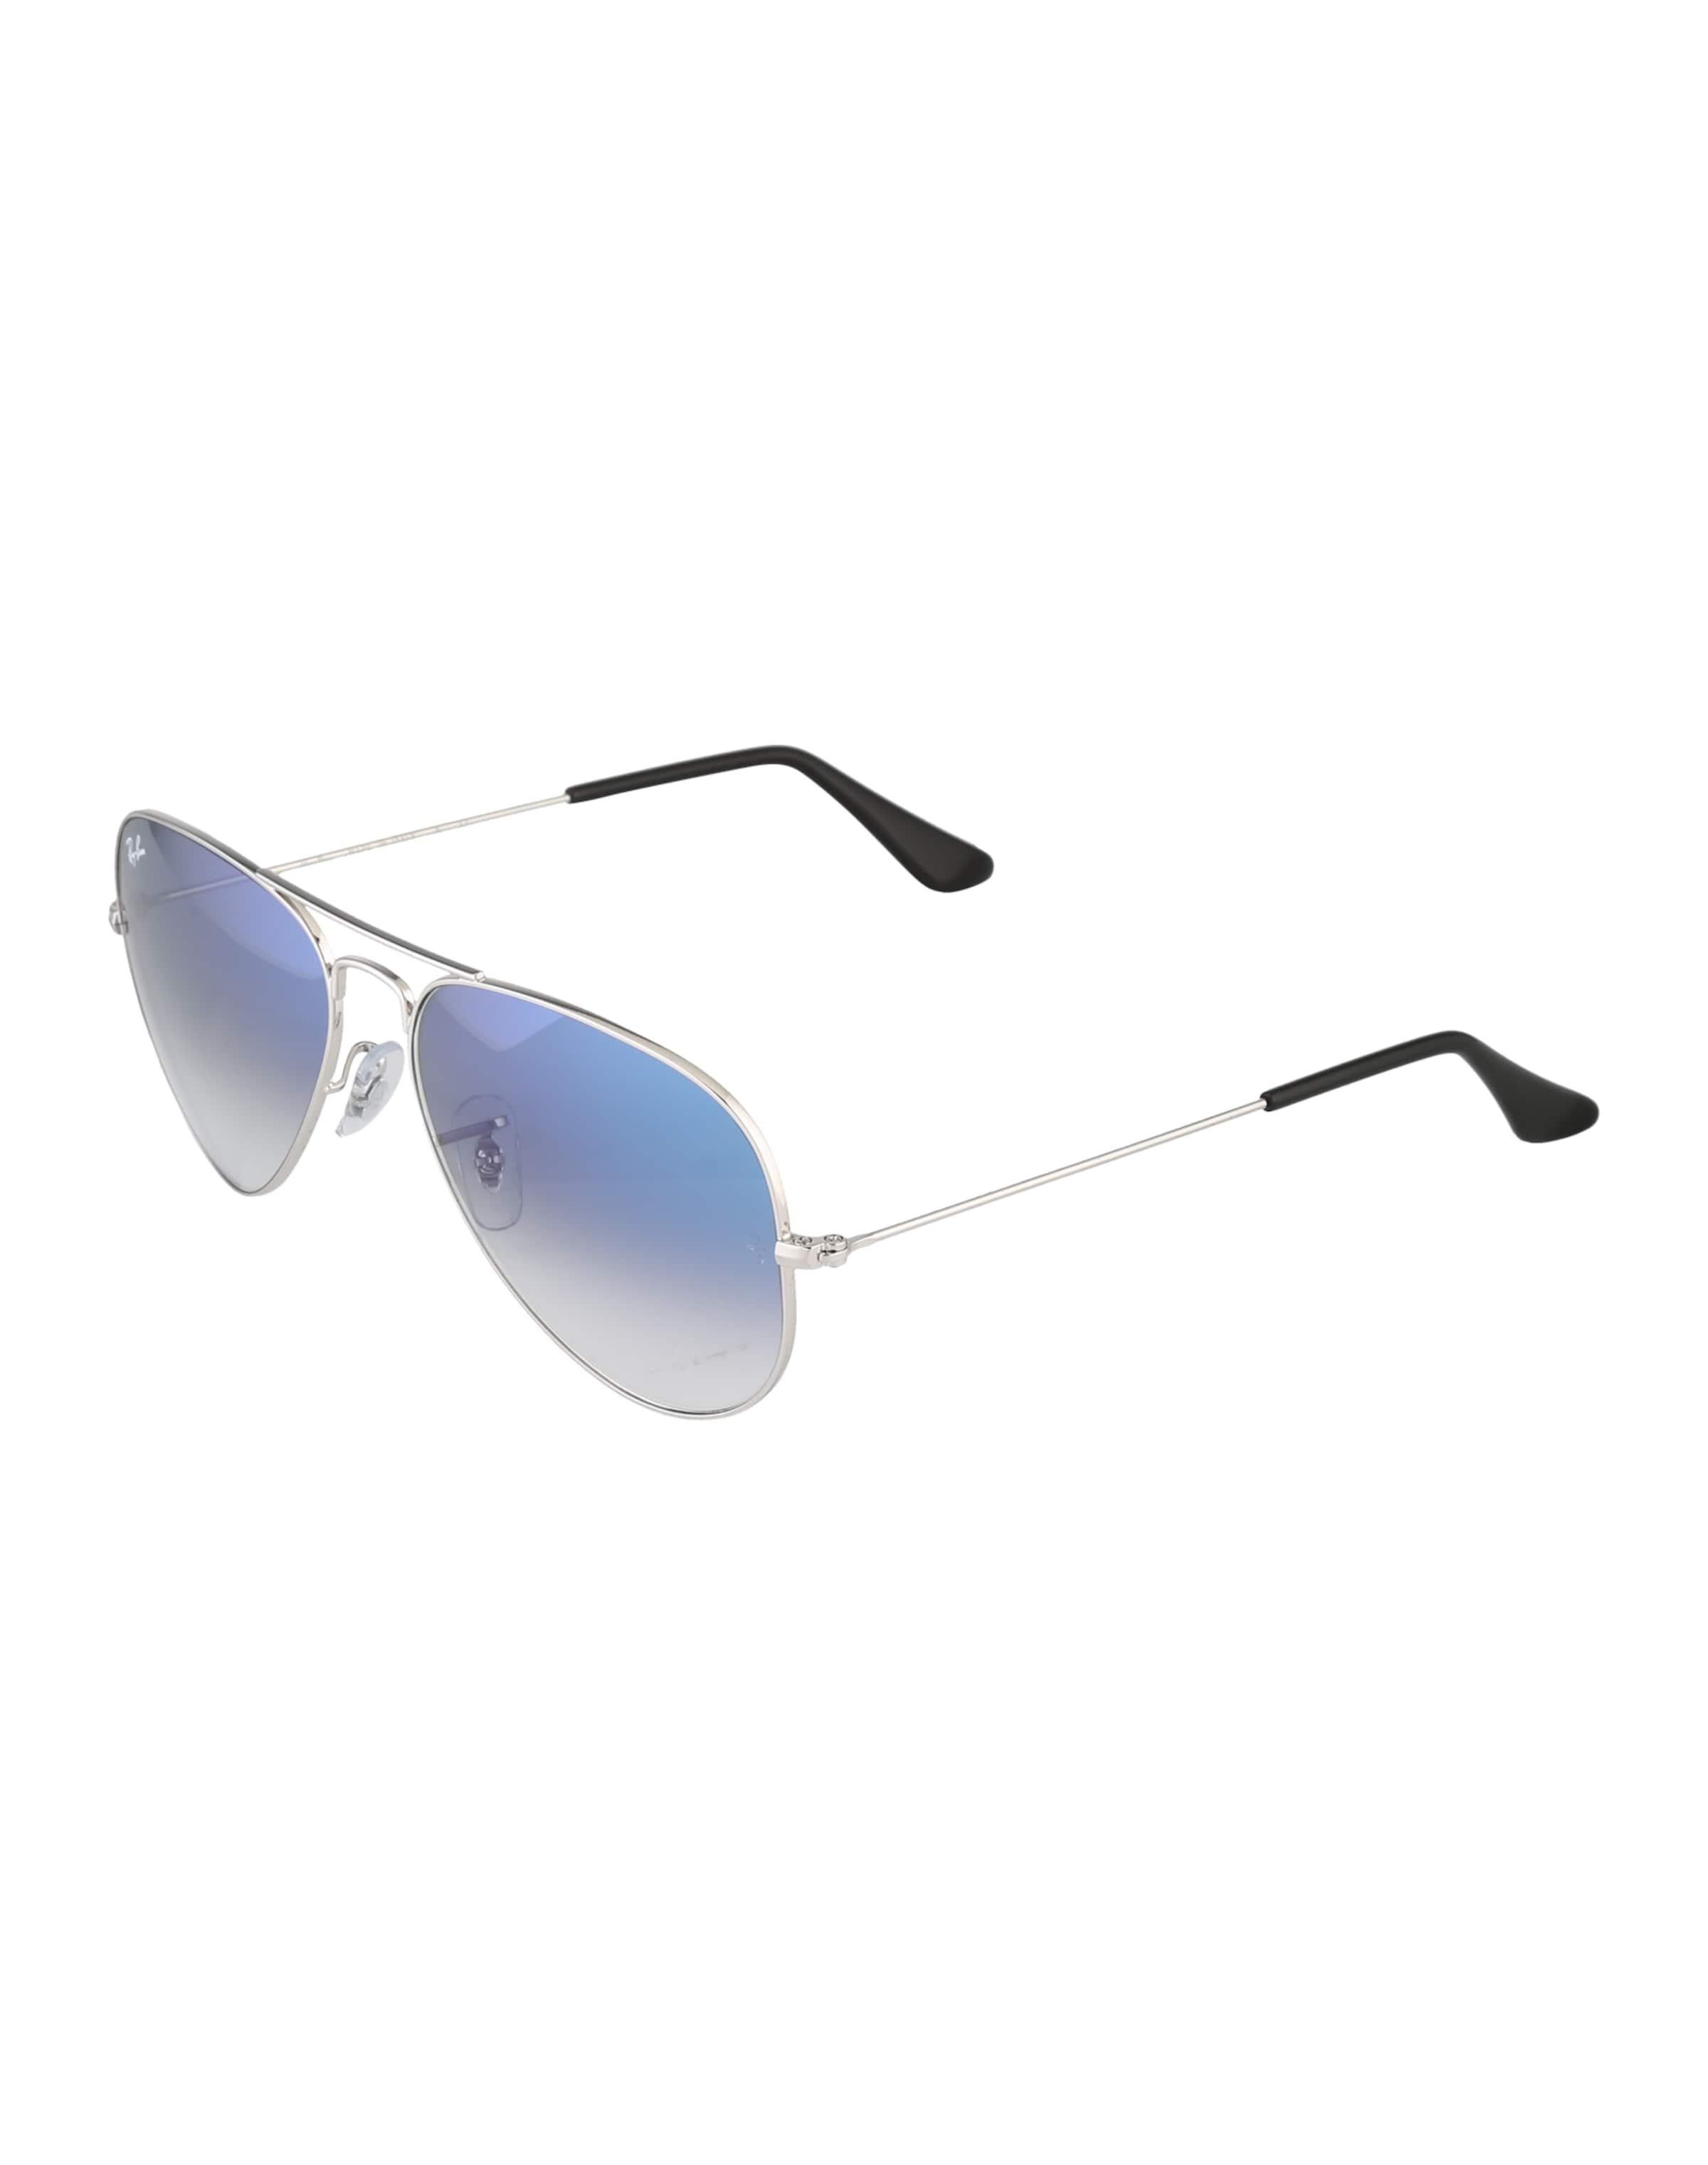 Ray-Ban Piloten-Sonnenbrille 'Aviator' Rabatt Footlocker Finden Online-Großen Verkauf Discount-Marke Neue Unisex Günstig Kaufen Spielraum Günstigsten Preis mqbHzjO2P